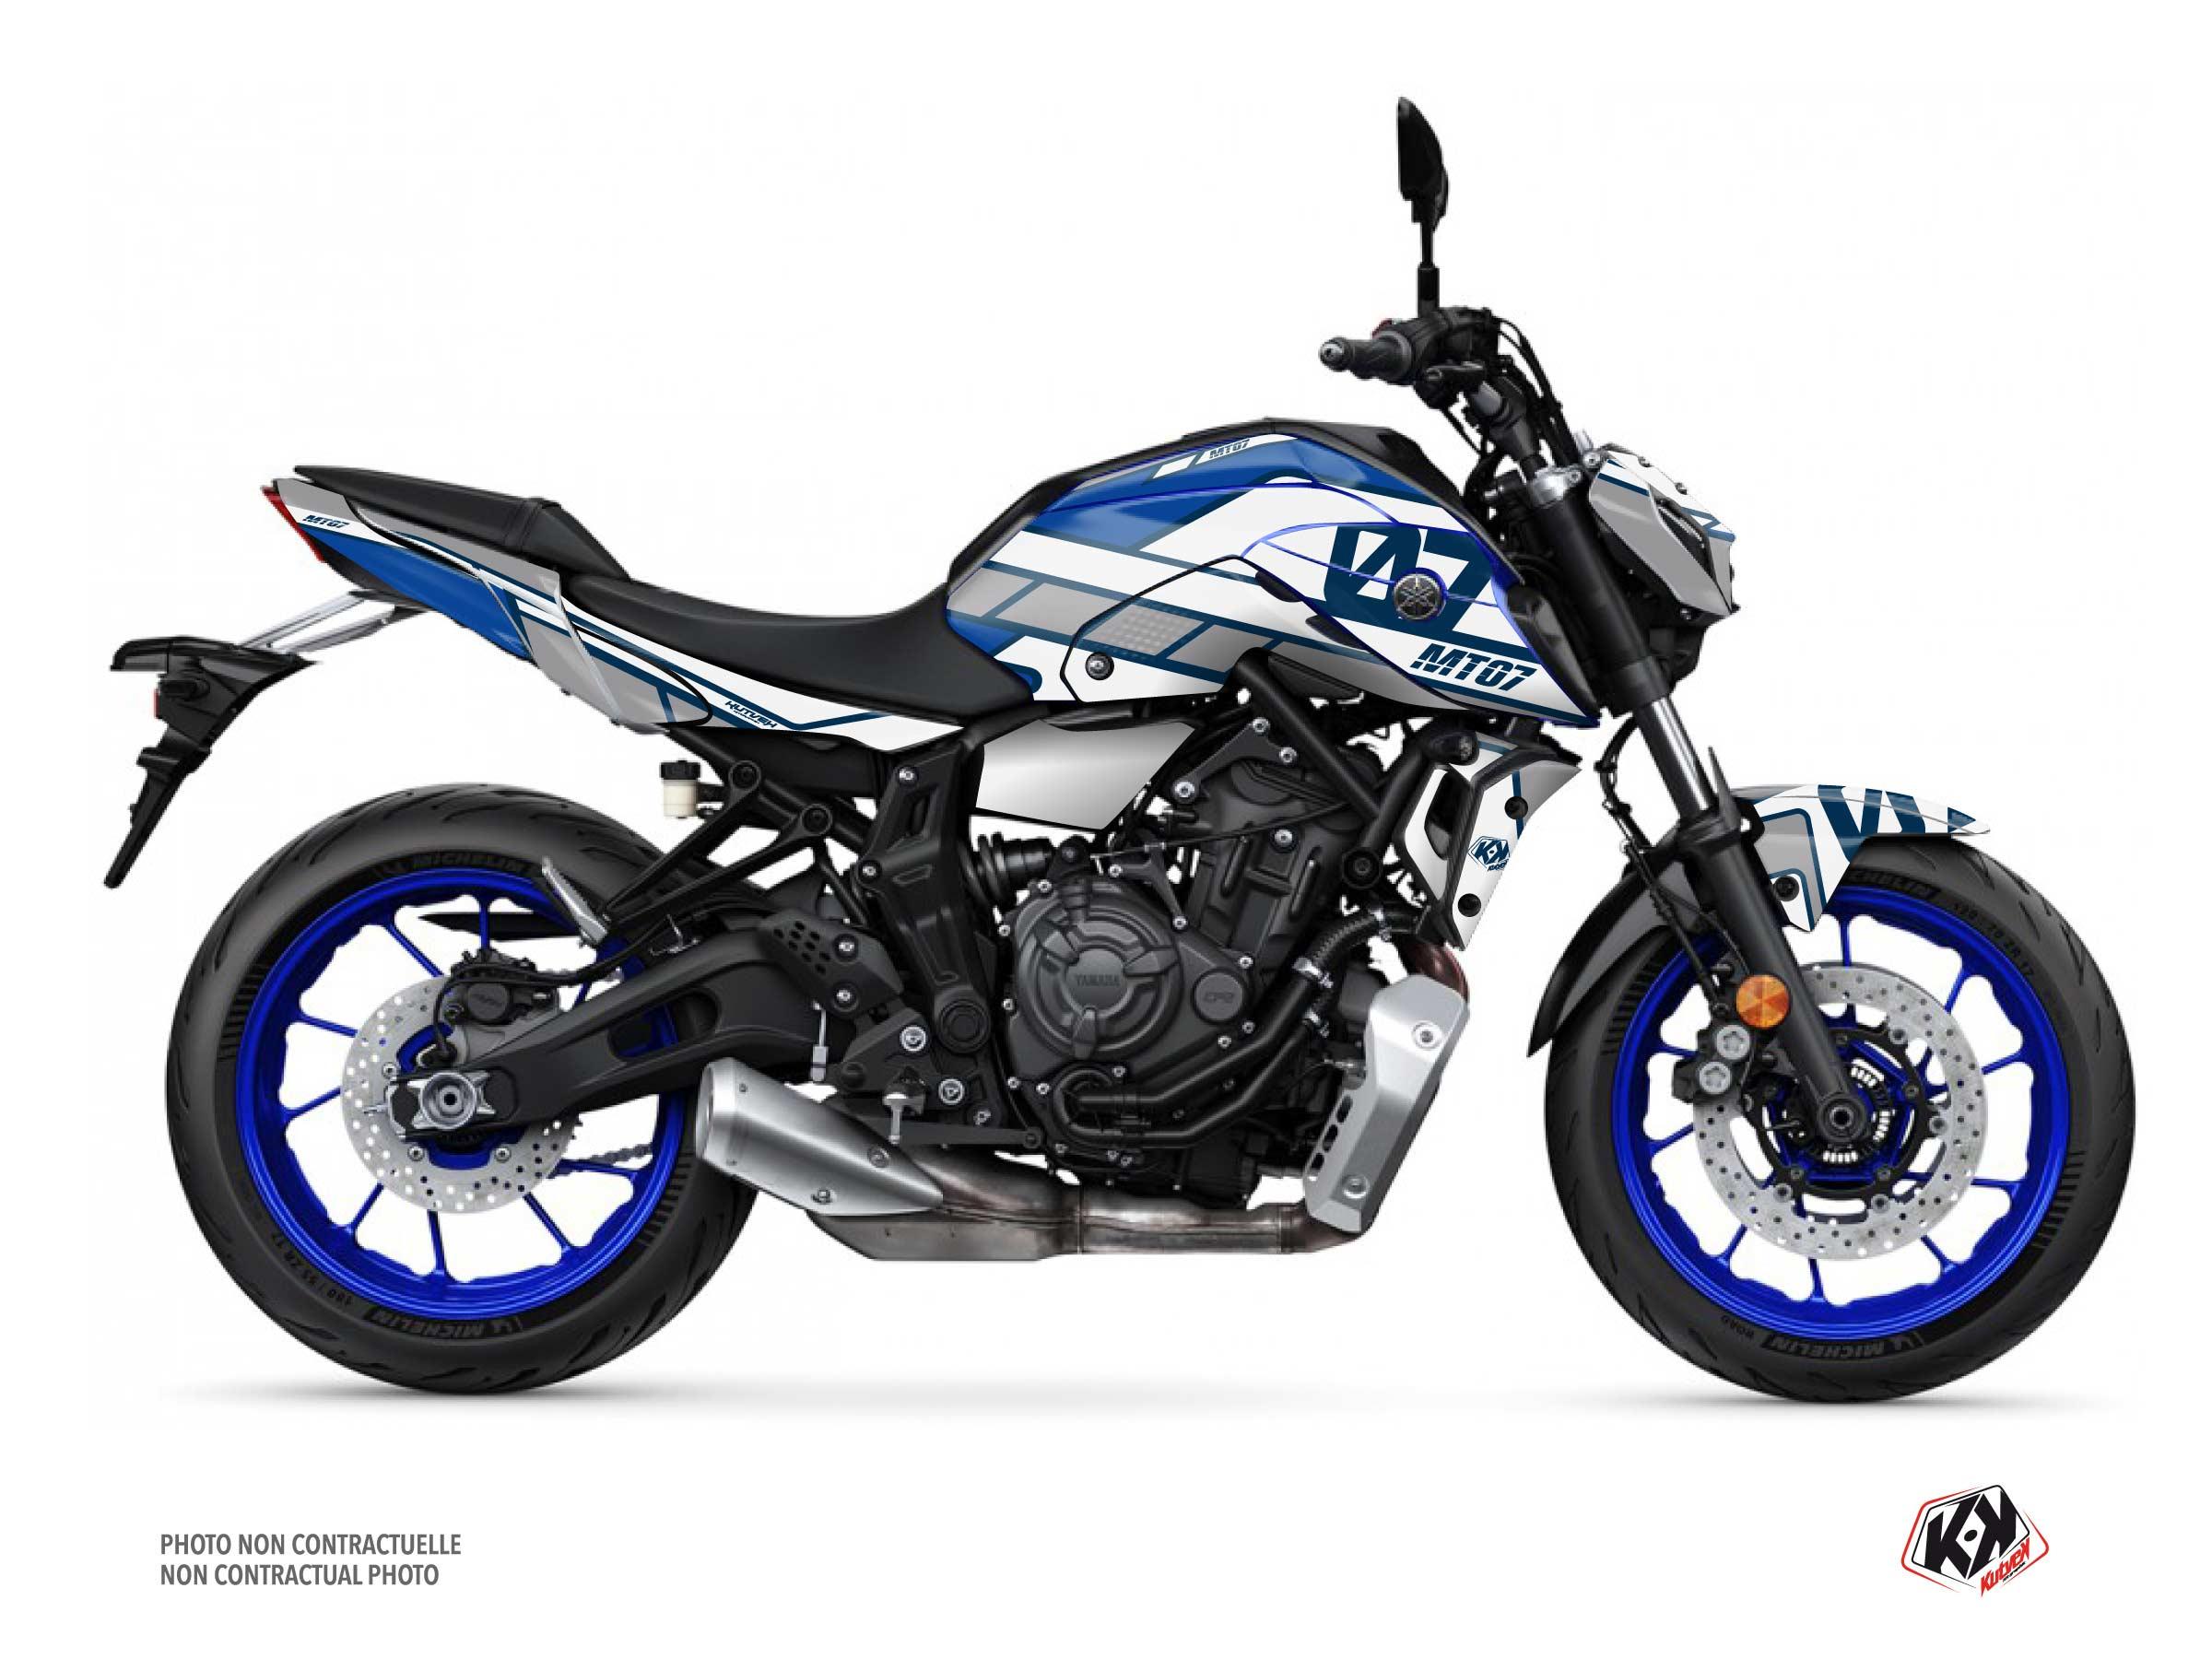 Kit Déco Moto Player Yamaha MT 07 Bleu